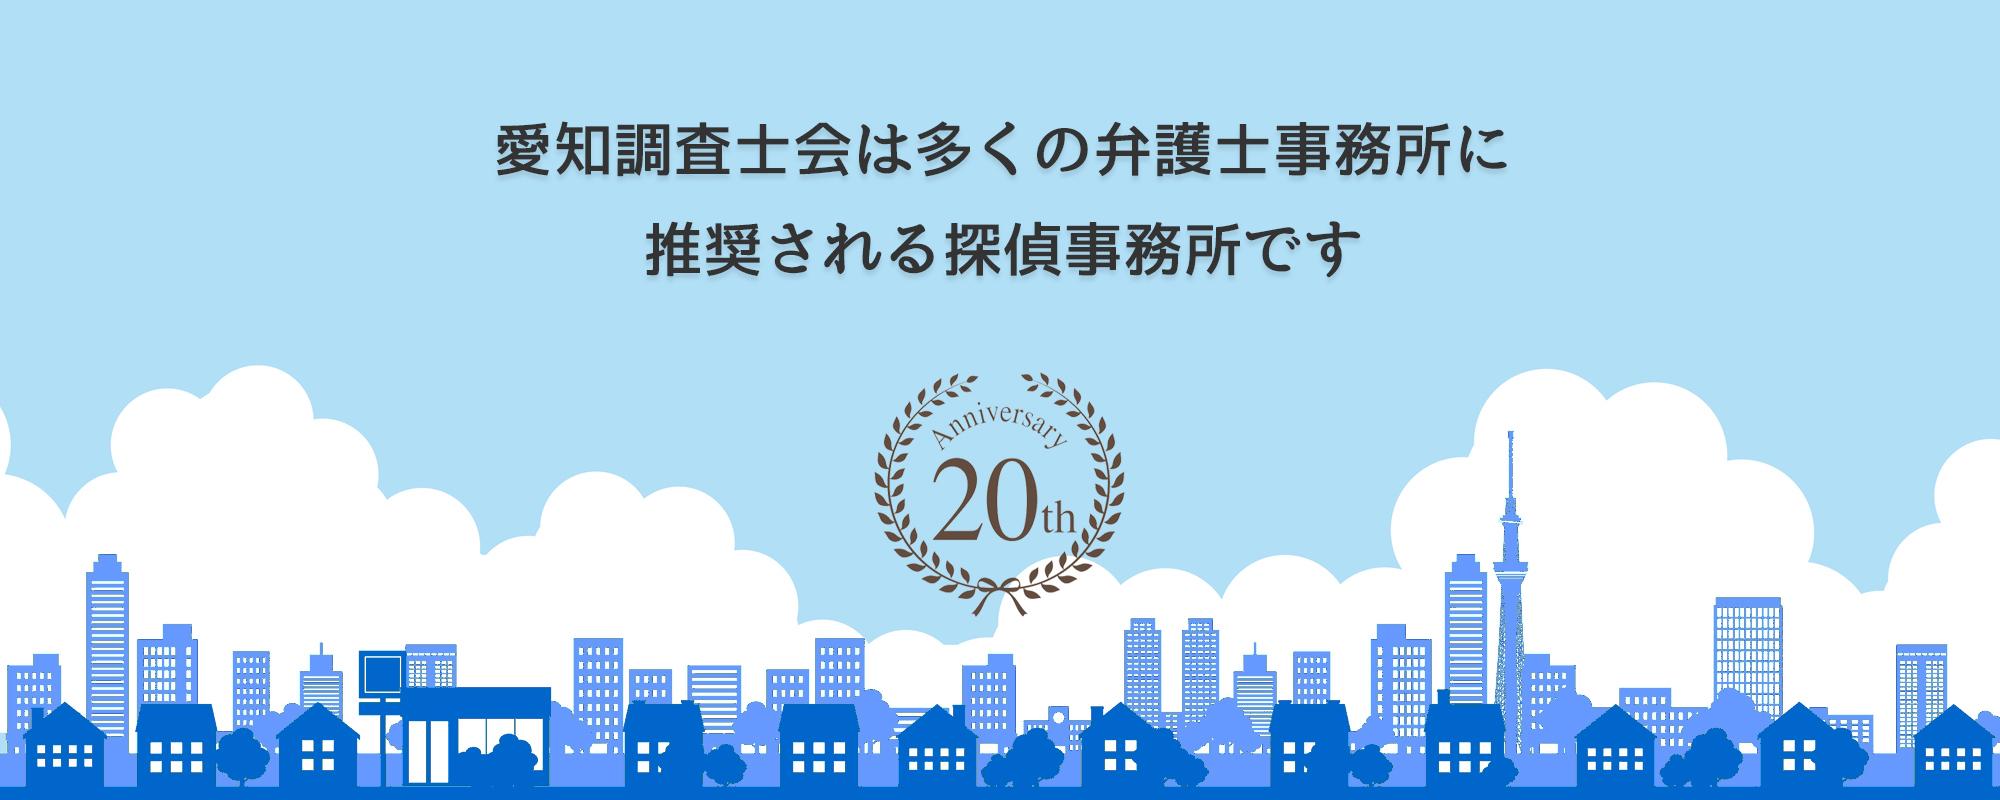 愛知相談室は多くの弁護士事務所に推奨されています。